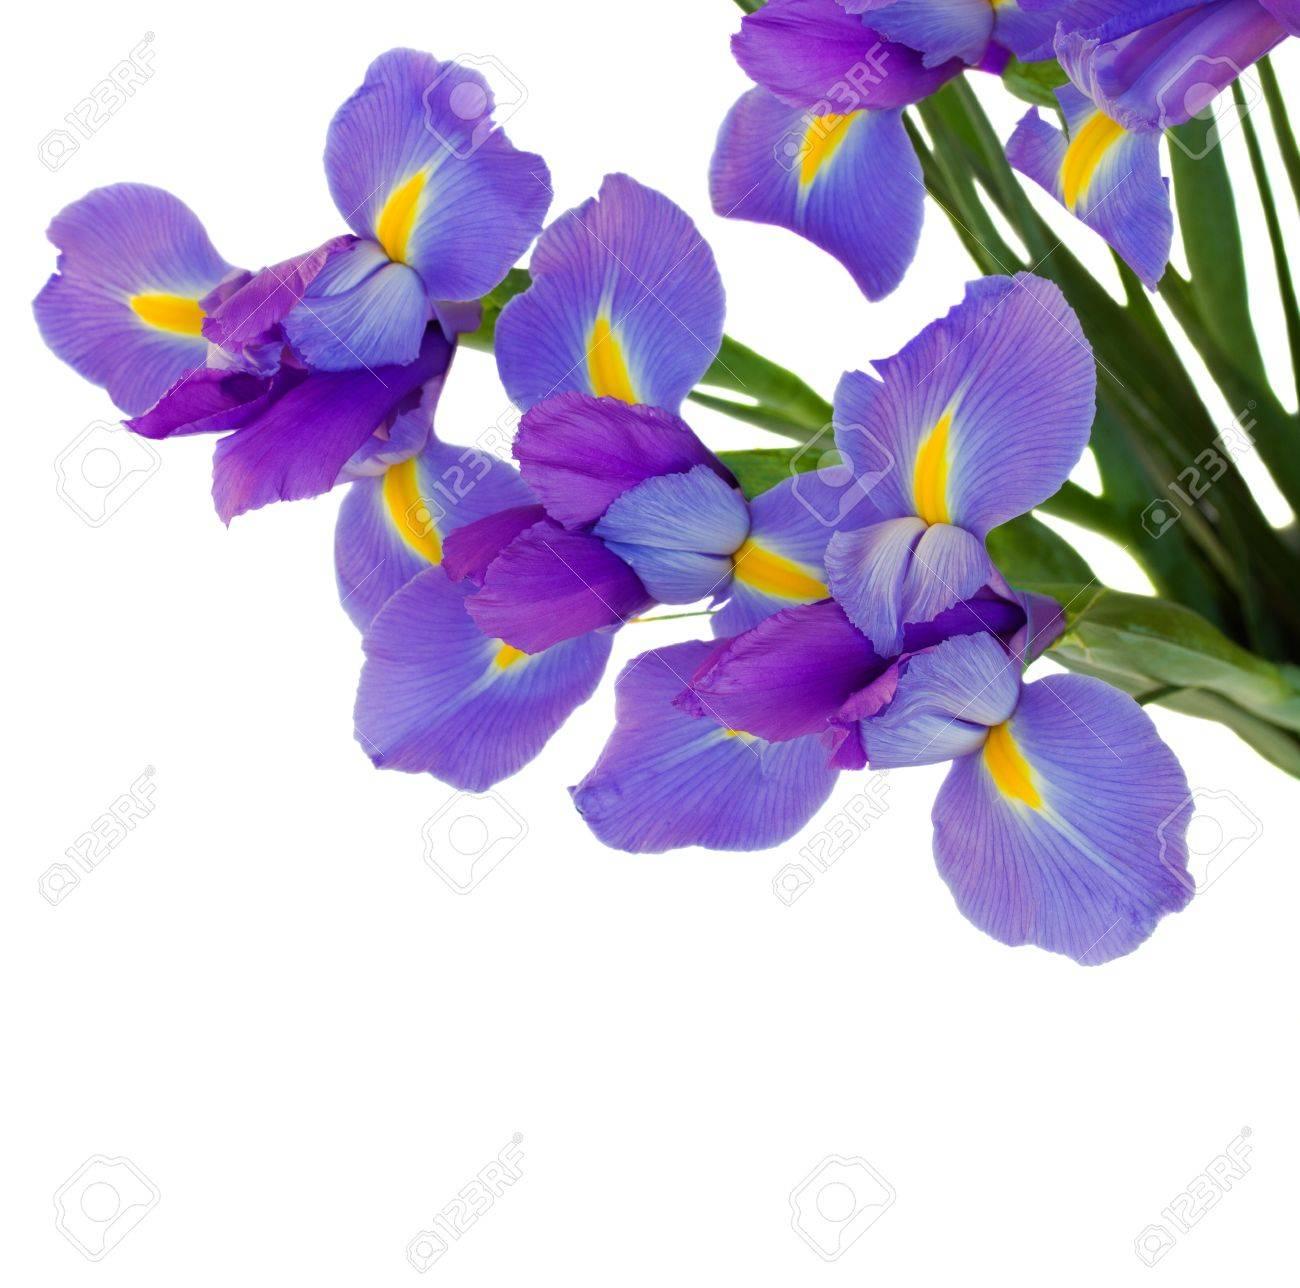 bouquet of irises Stock Photo - 17367134